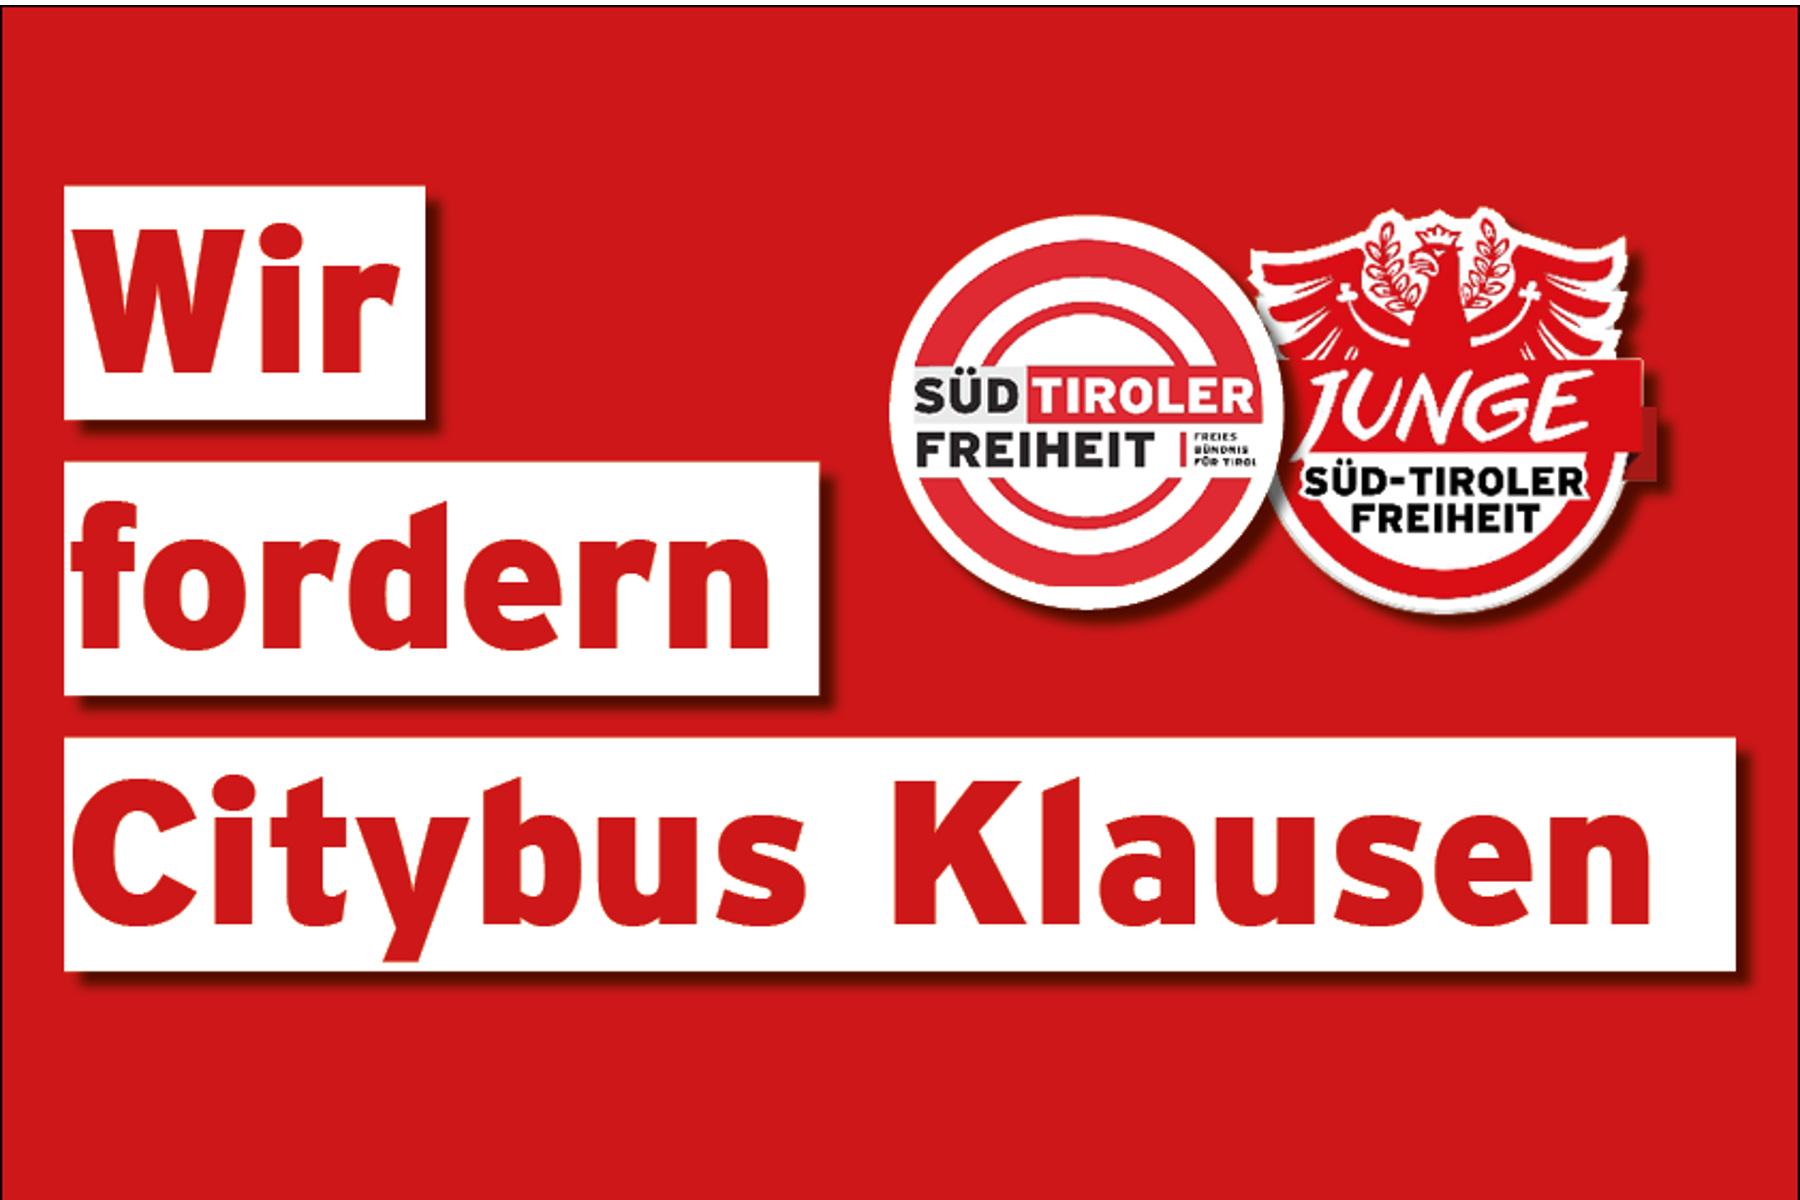 Citybus KlausenSüd-Tiroler Freiheit kündigt Info-Stand an